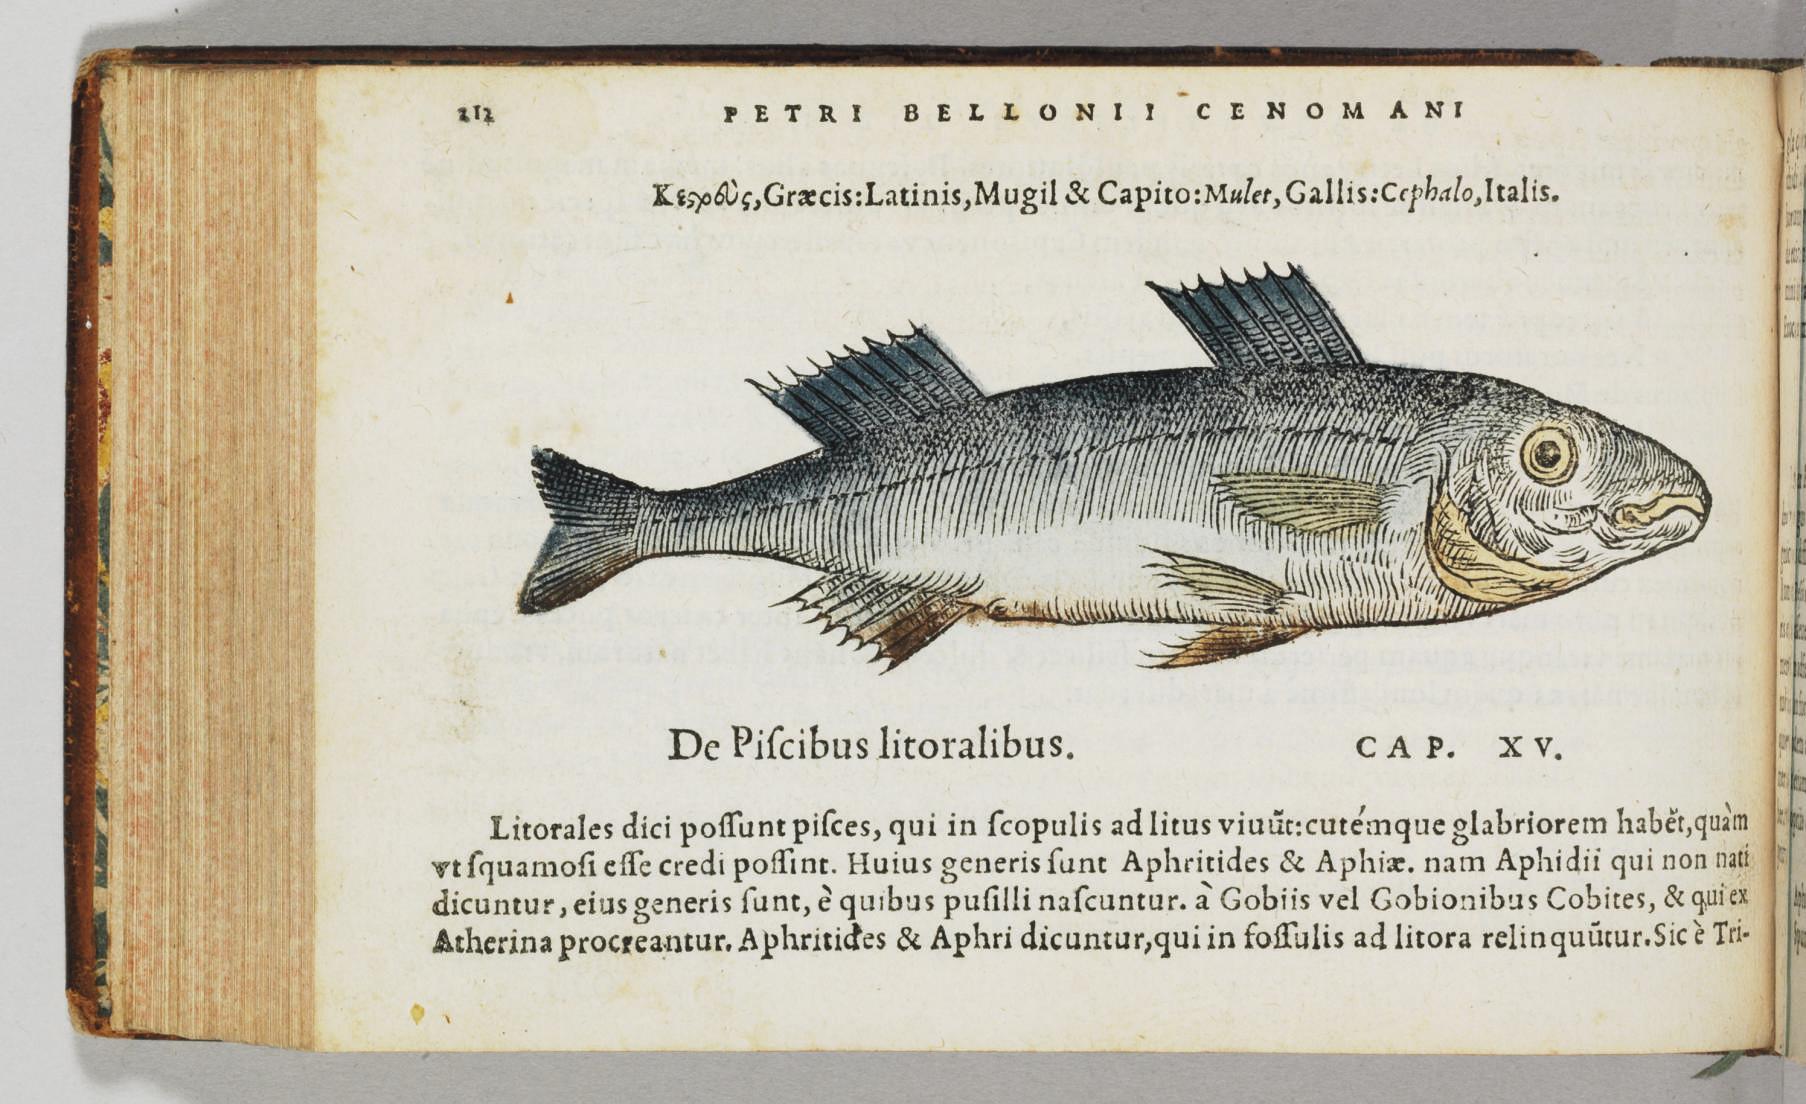 BELON, Pierre (1517-1564). De